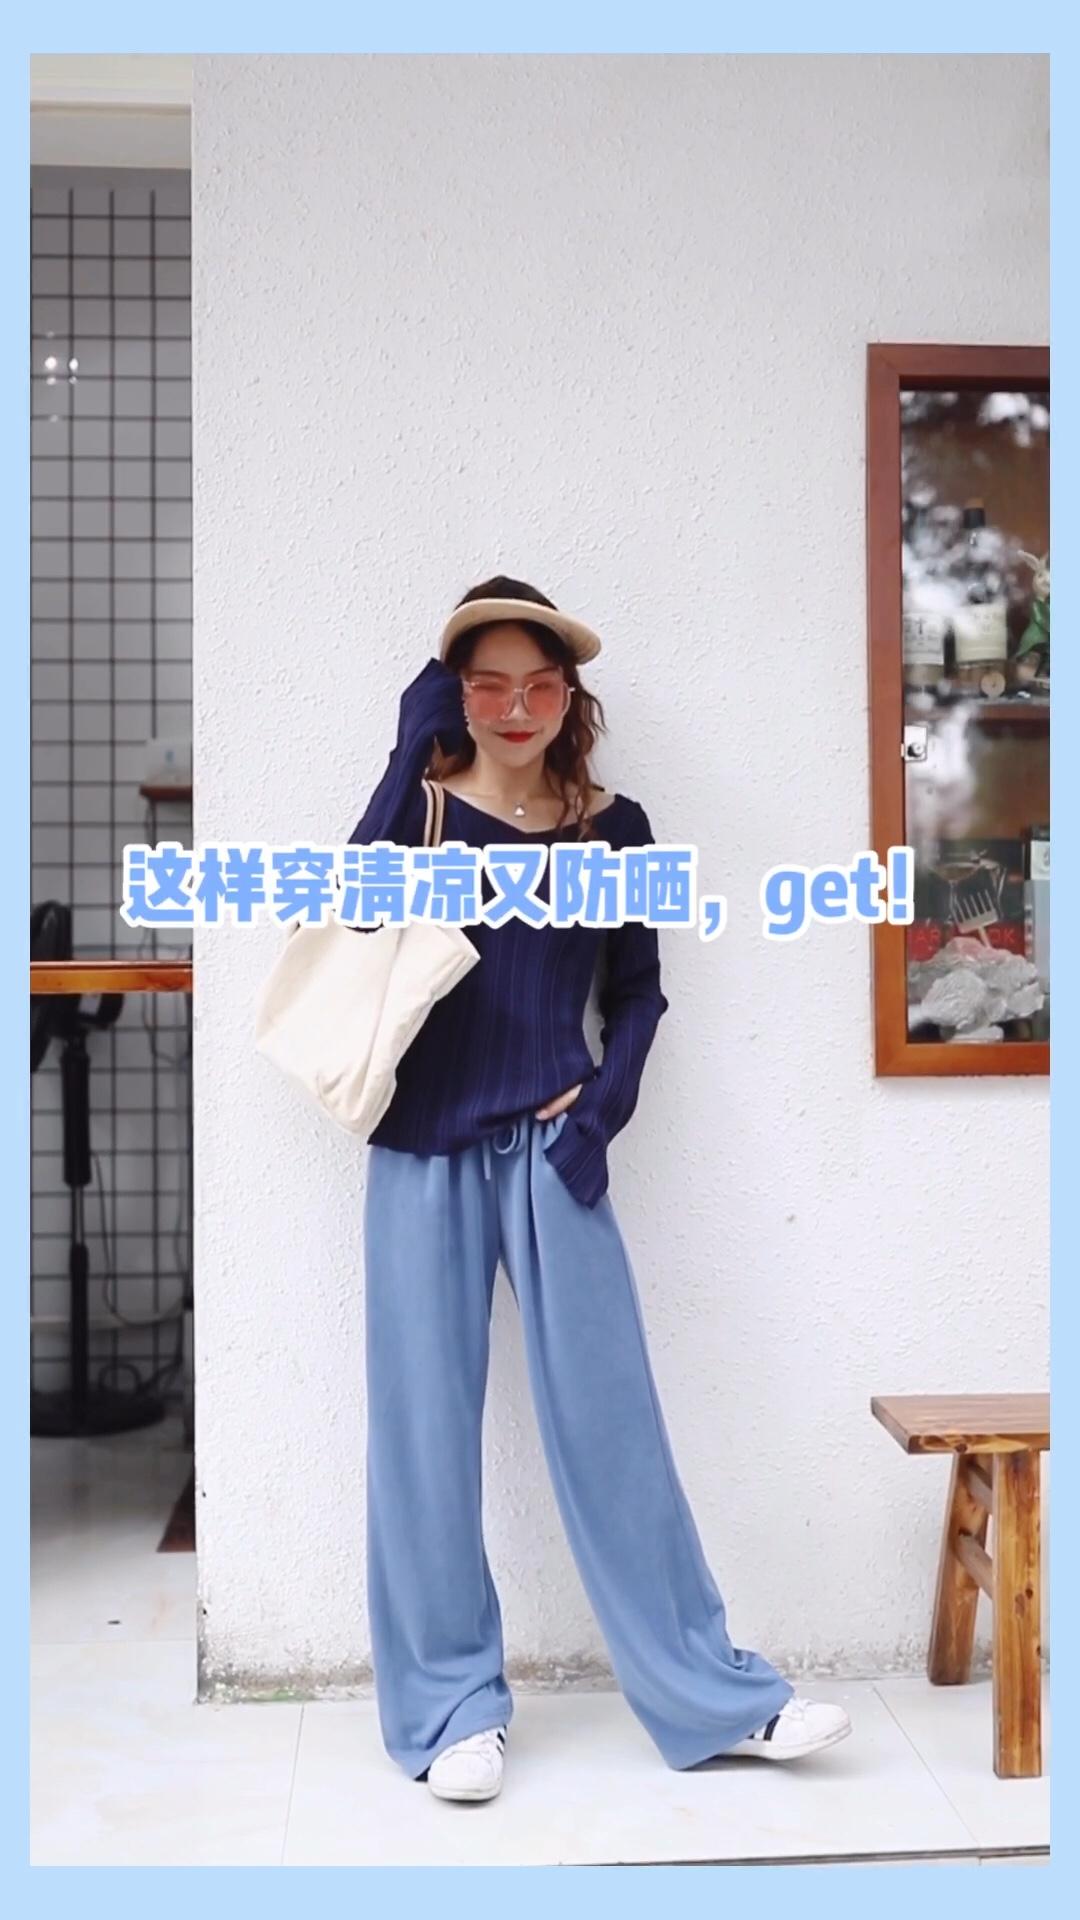 蓝甜甜小个子穿搭💙  分享一套特别适合怕晒的妹子的look! 藏蓝色长袖简约镂空上衣,微微的喇叭袖,加上小V领设计,有弹性又能散热的料子穿起来超舒服,还能防晒!下身是今年流行的拖地裤,宽松版型很好的遮肉!雾霾蓝很高级!一套穿起来又防晒又简约气质! #小黑妹显白自救攻略#